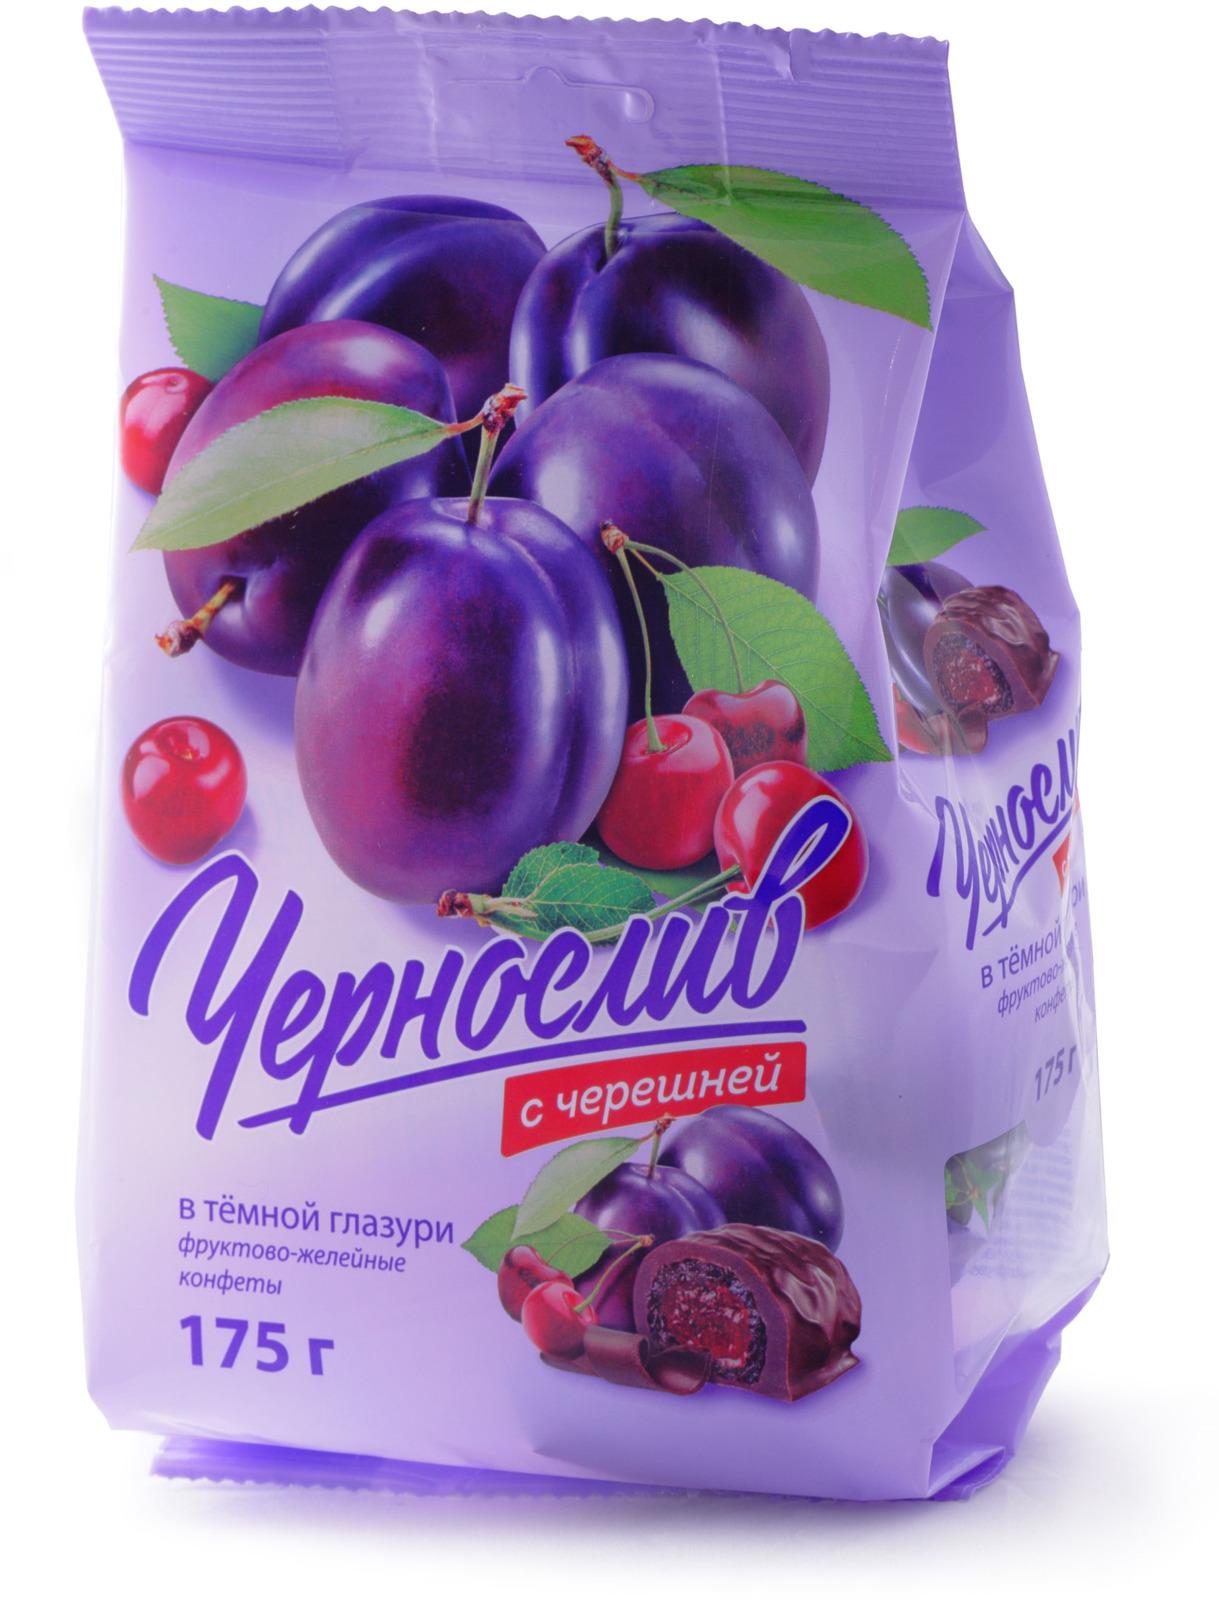 Конфеты ФЖК Черносливсчерешнейвтемнойглазури, 175г dr oetker глазурь со вкусом темного шоколада 100 г